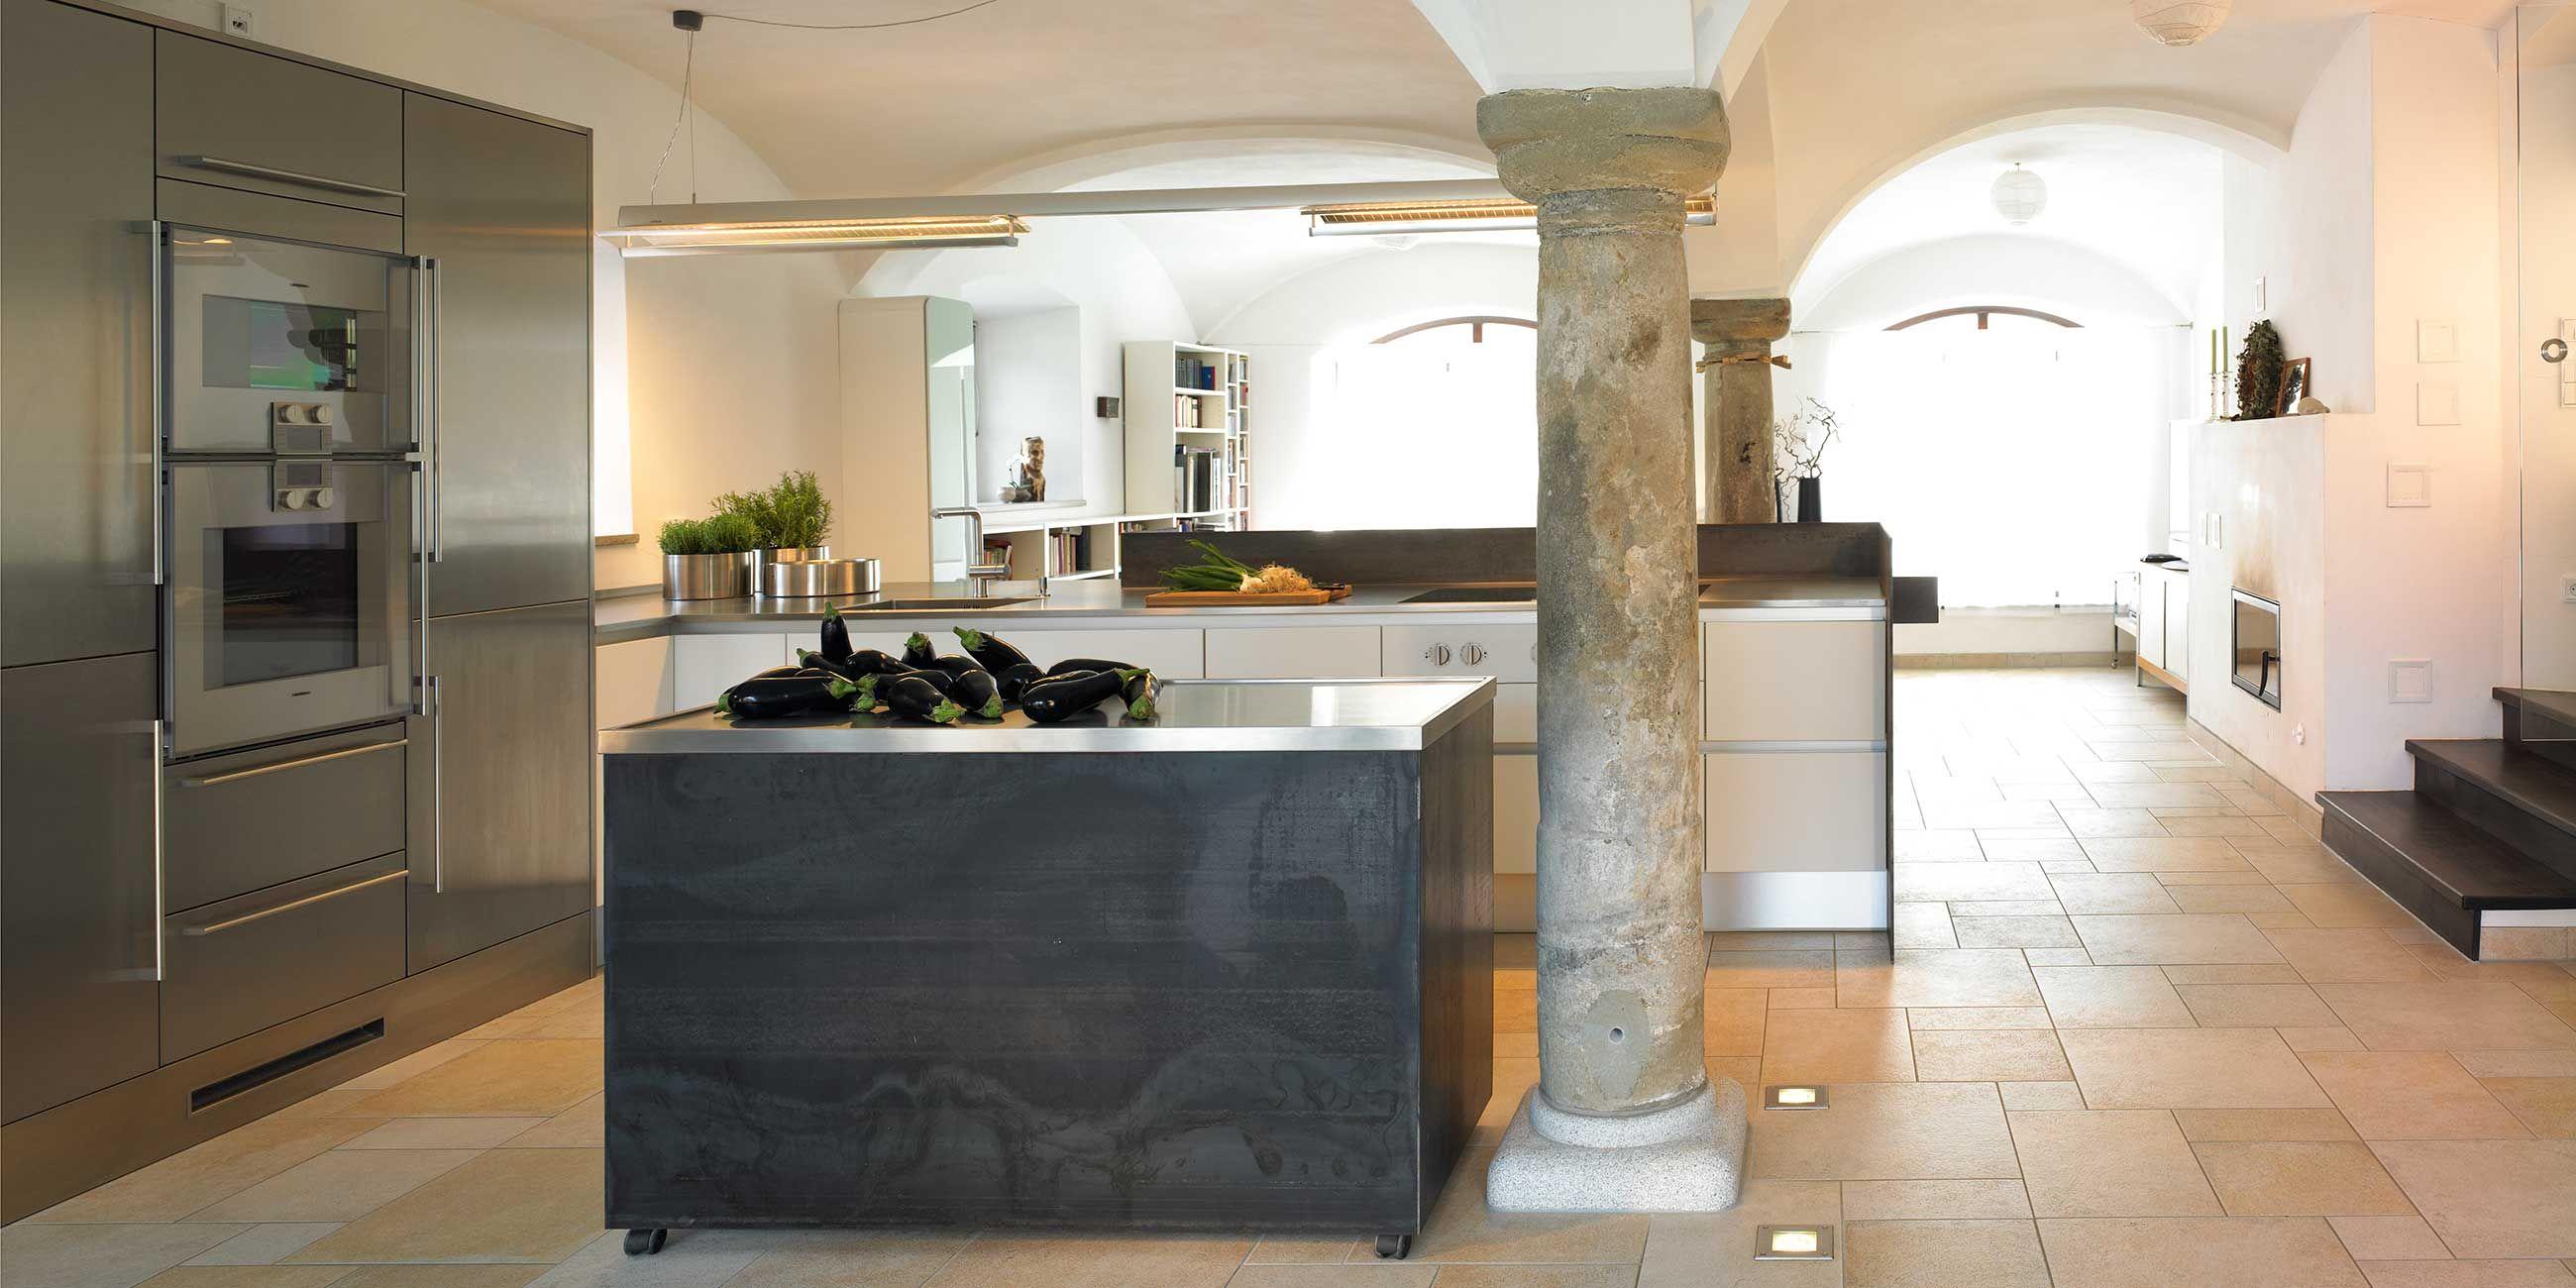 Vom Kuhstall zur Küche  Küchen design, Haus, Ställe